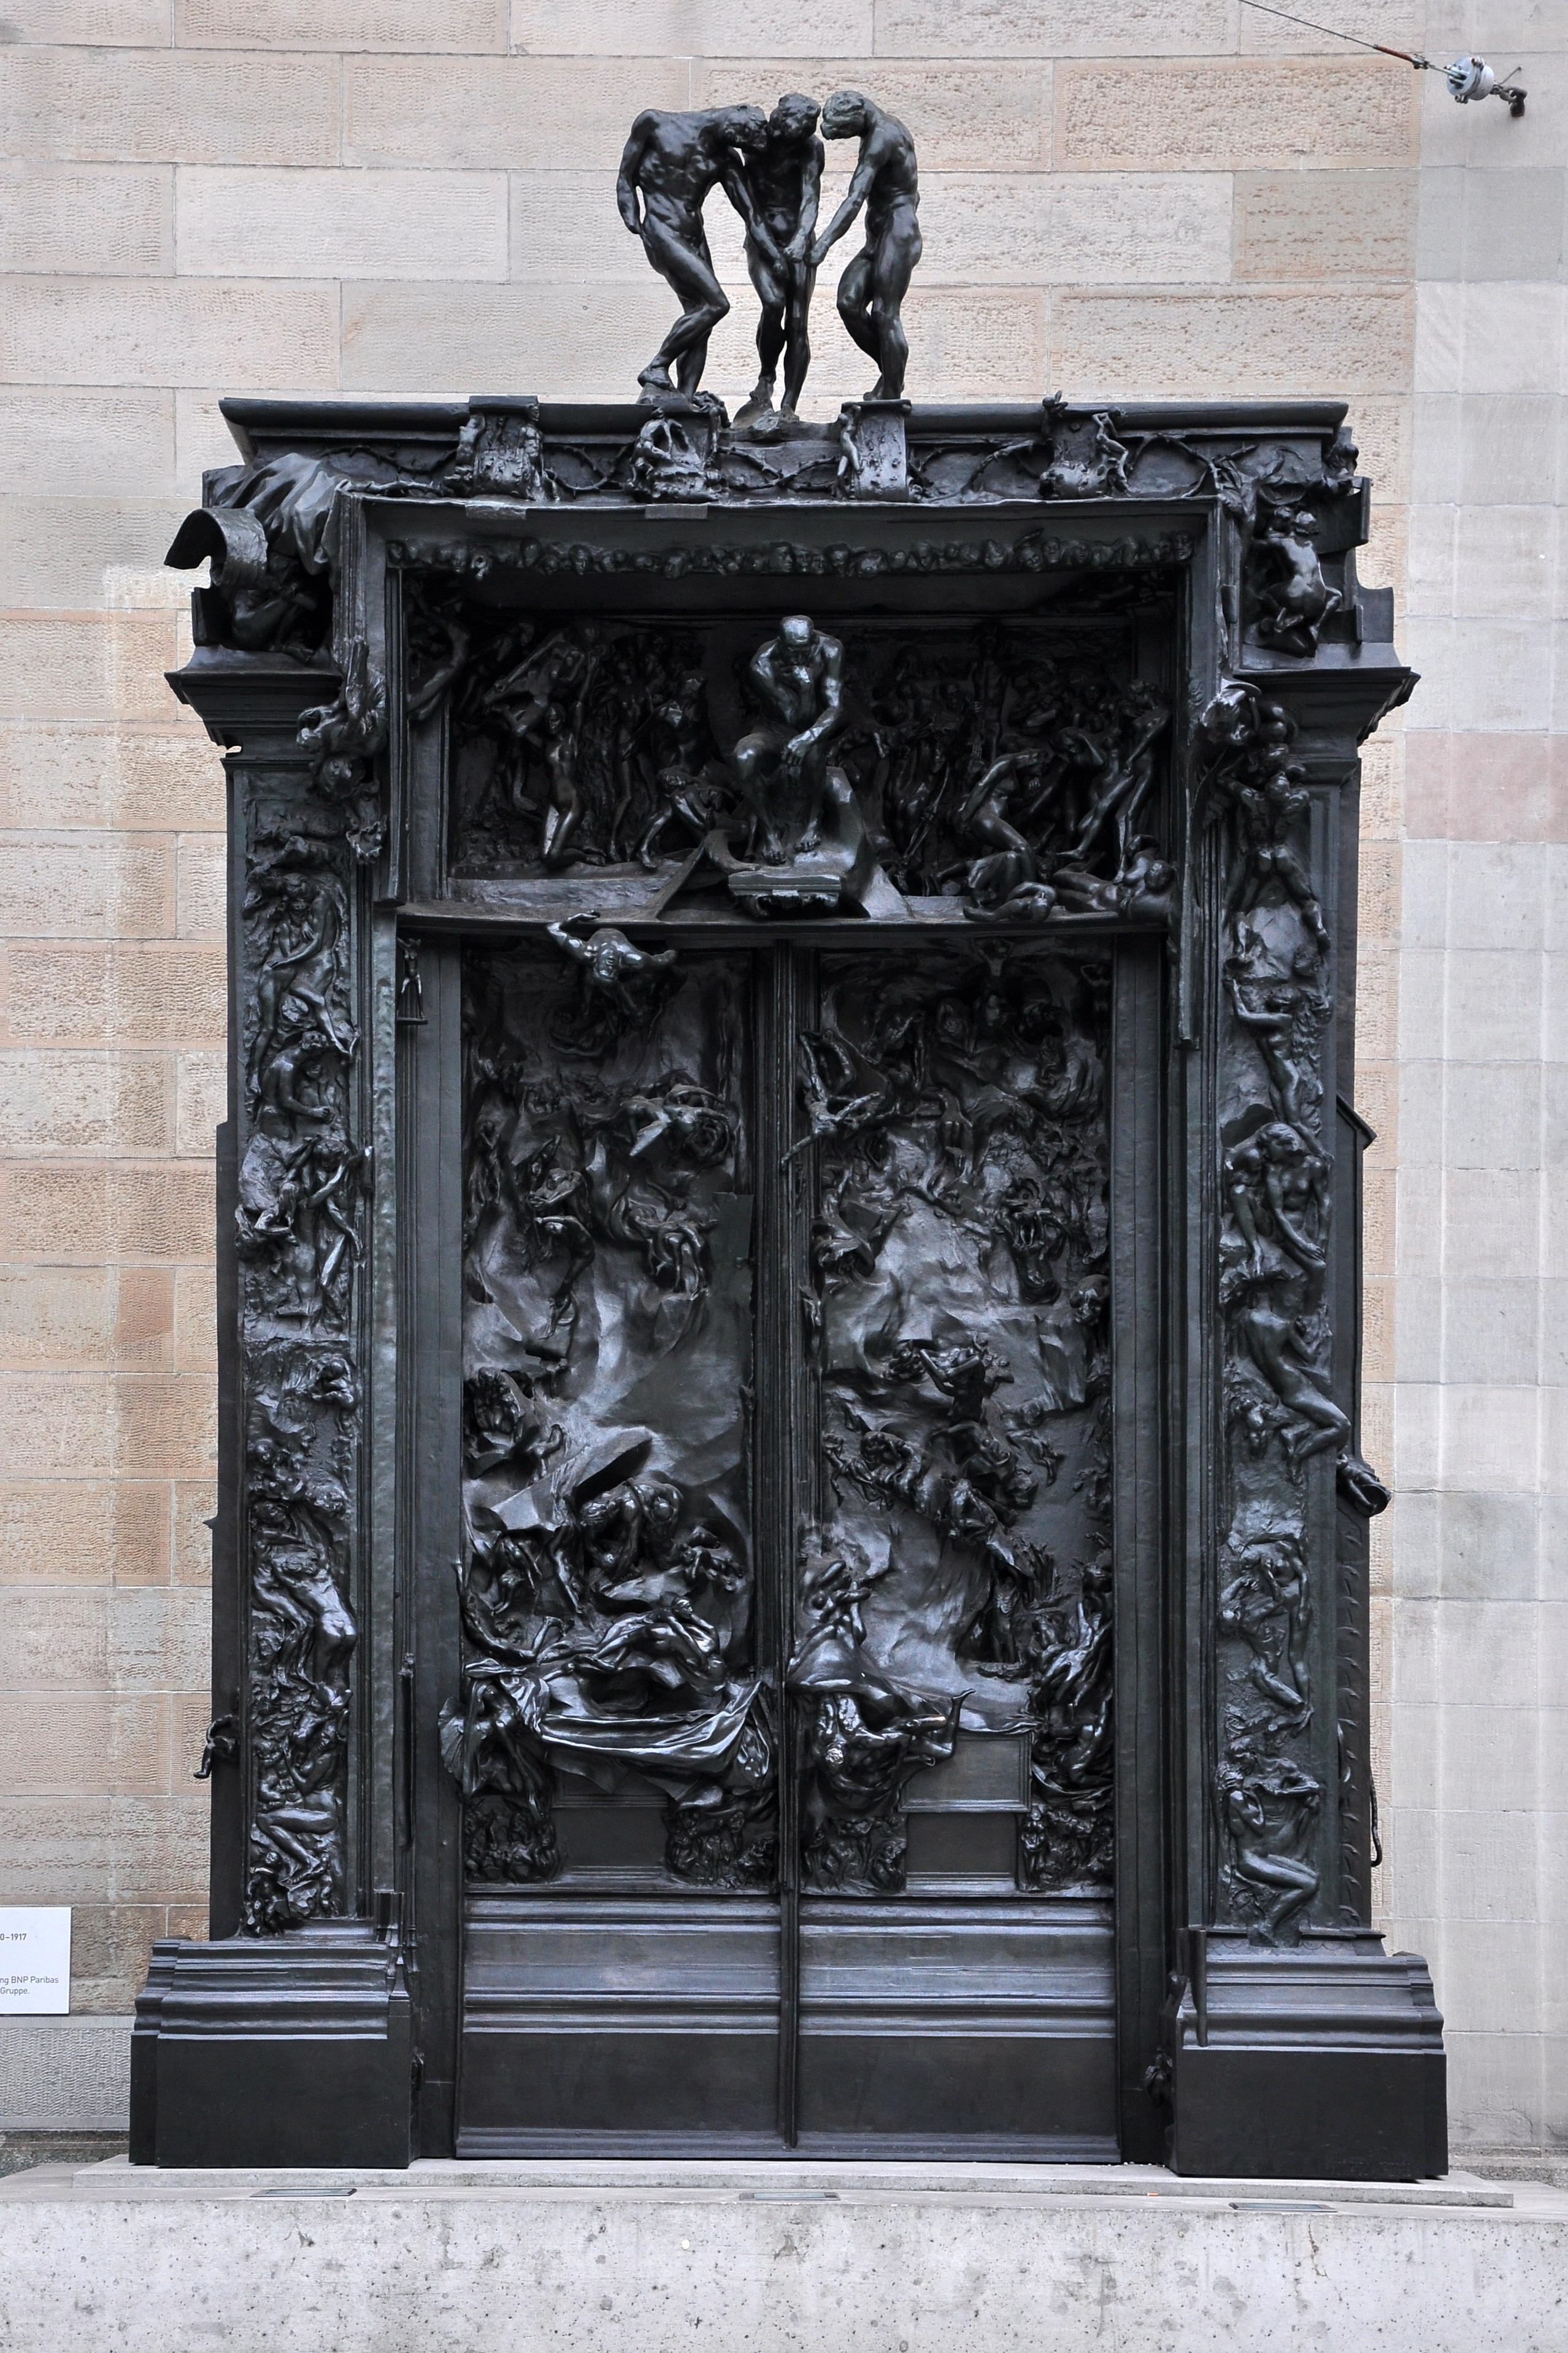 File la porte de l 39 enfer kunsthaus 2010 08 17 19 25 54 for 9 puertas del infierno